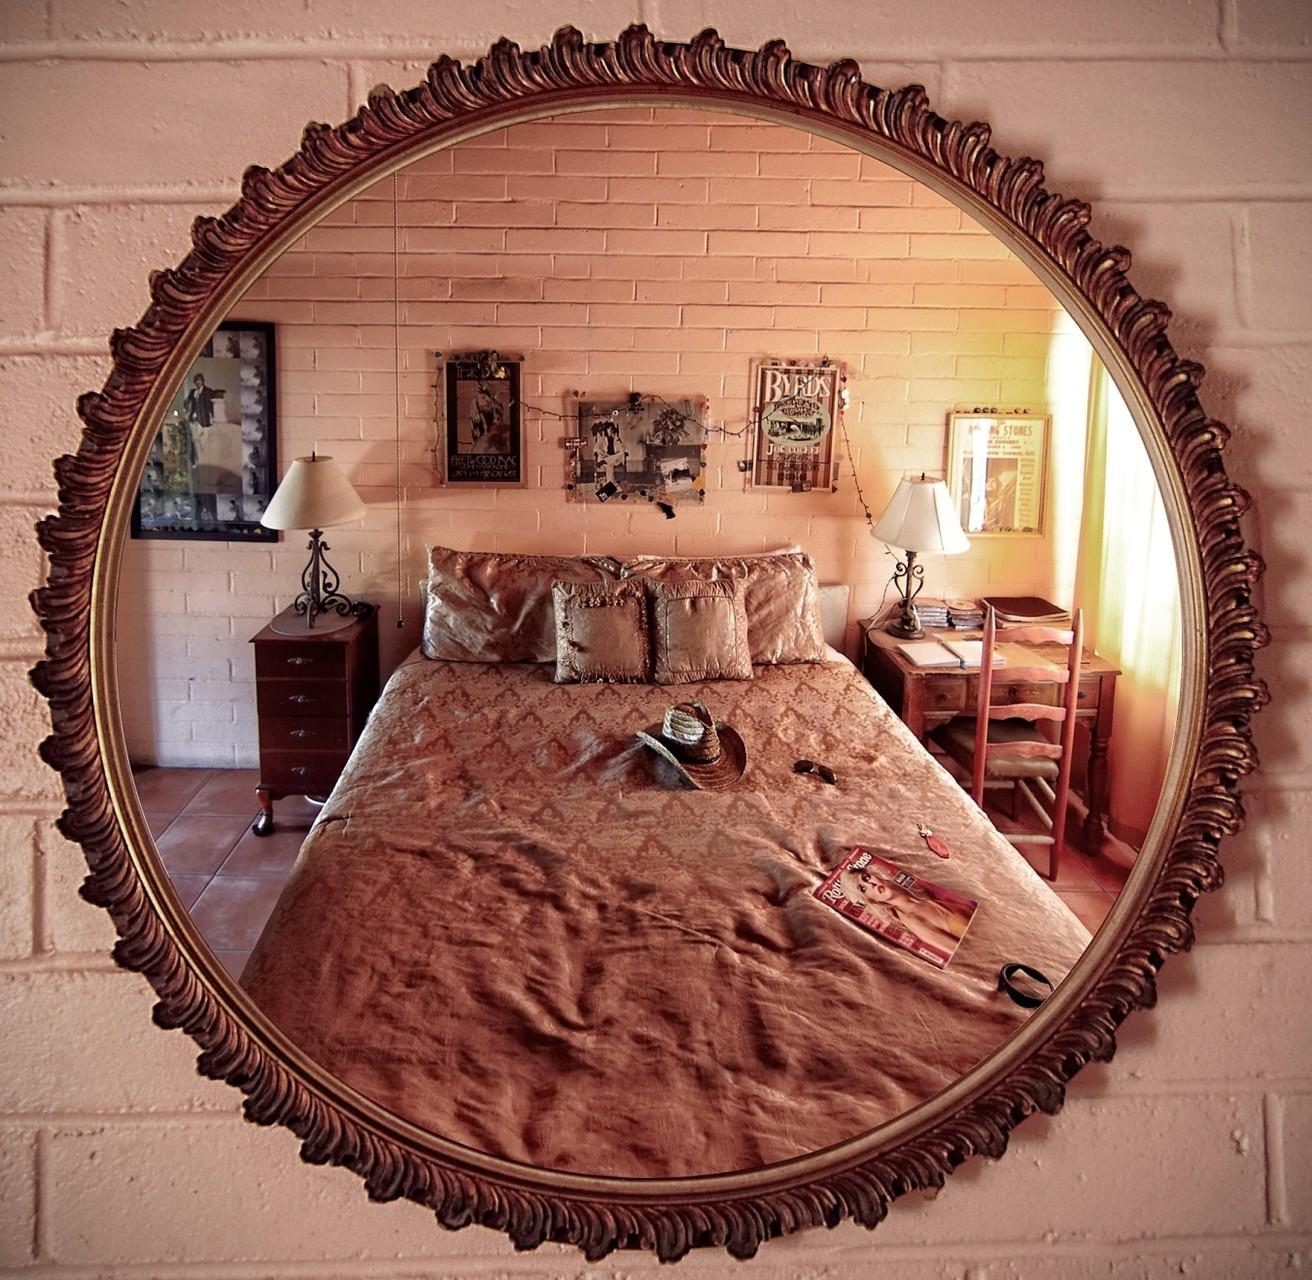 Room 8 wurde weitgehend im damaligen Zustand erhalten. Einige Einrichtungsgegenstände, wie der Wandspiegel, sind unangetastet geblieben. (Foto: Christian Düringer)